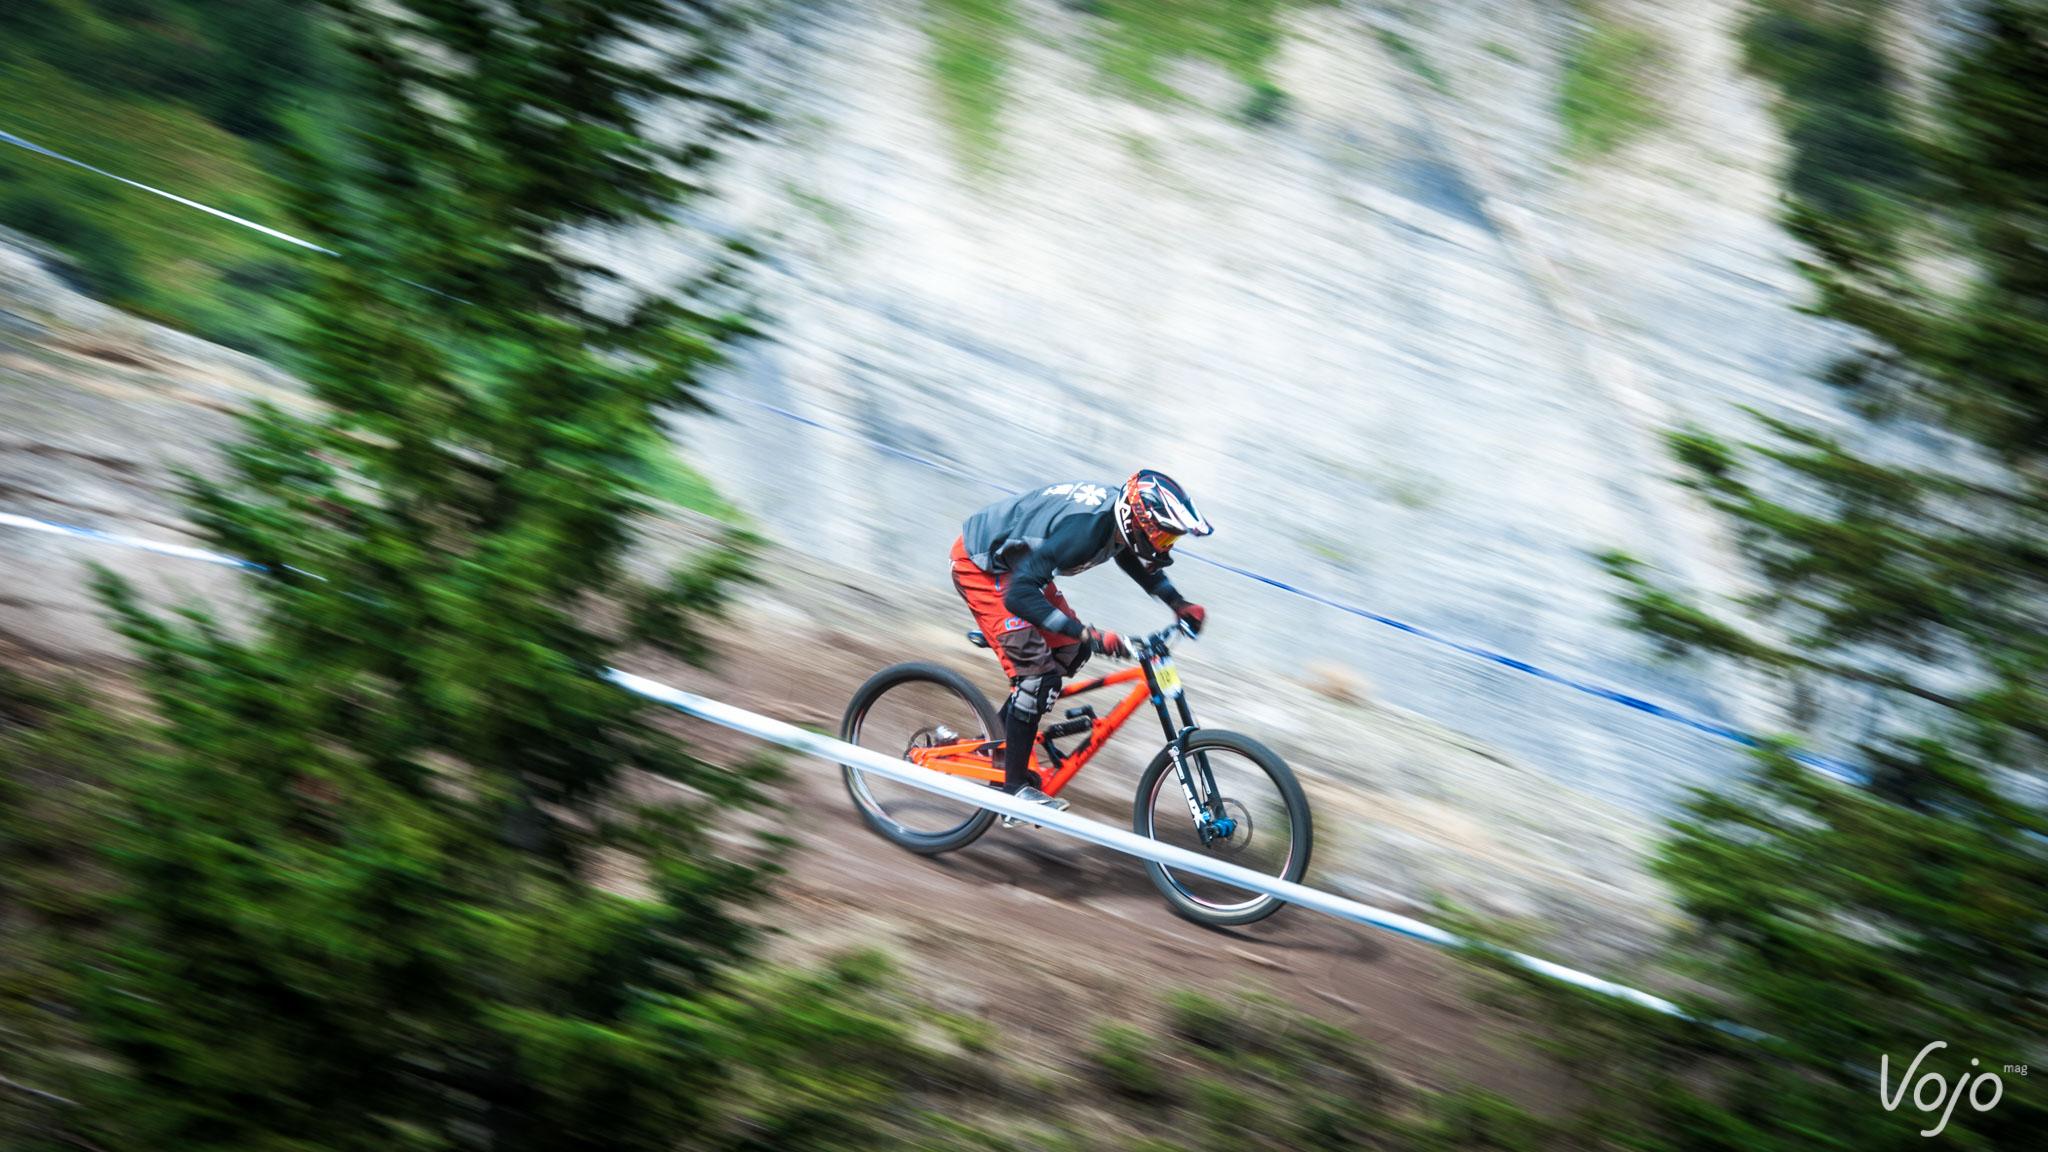 Championnats-de-france-2015-Oz-DH-finale-58